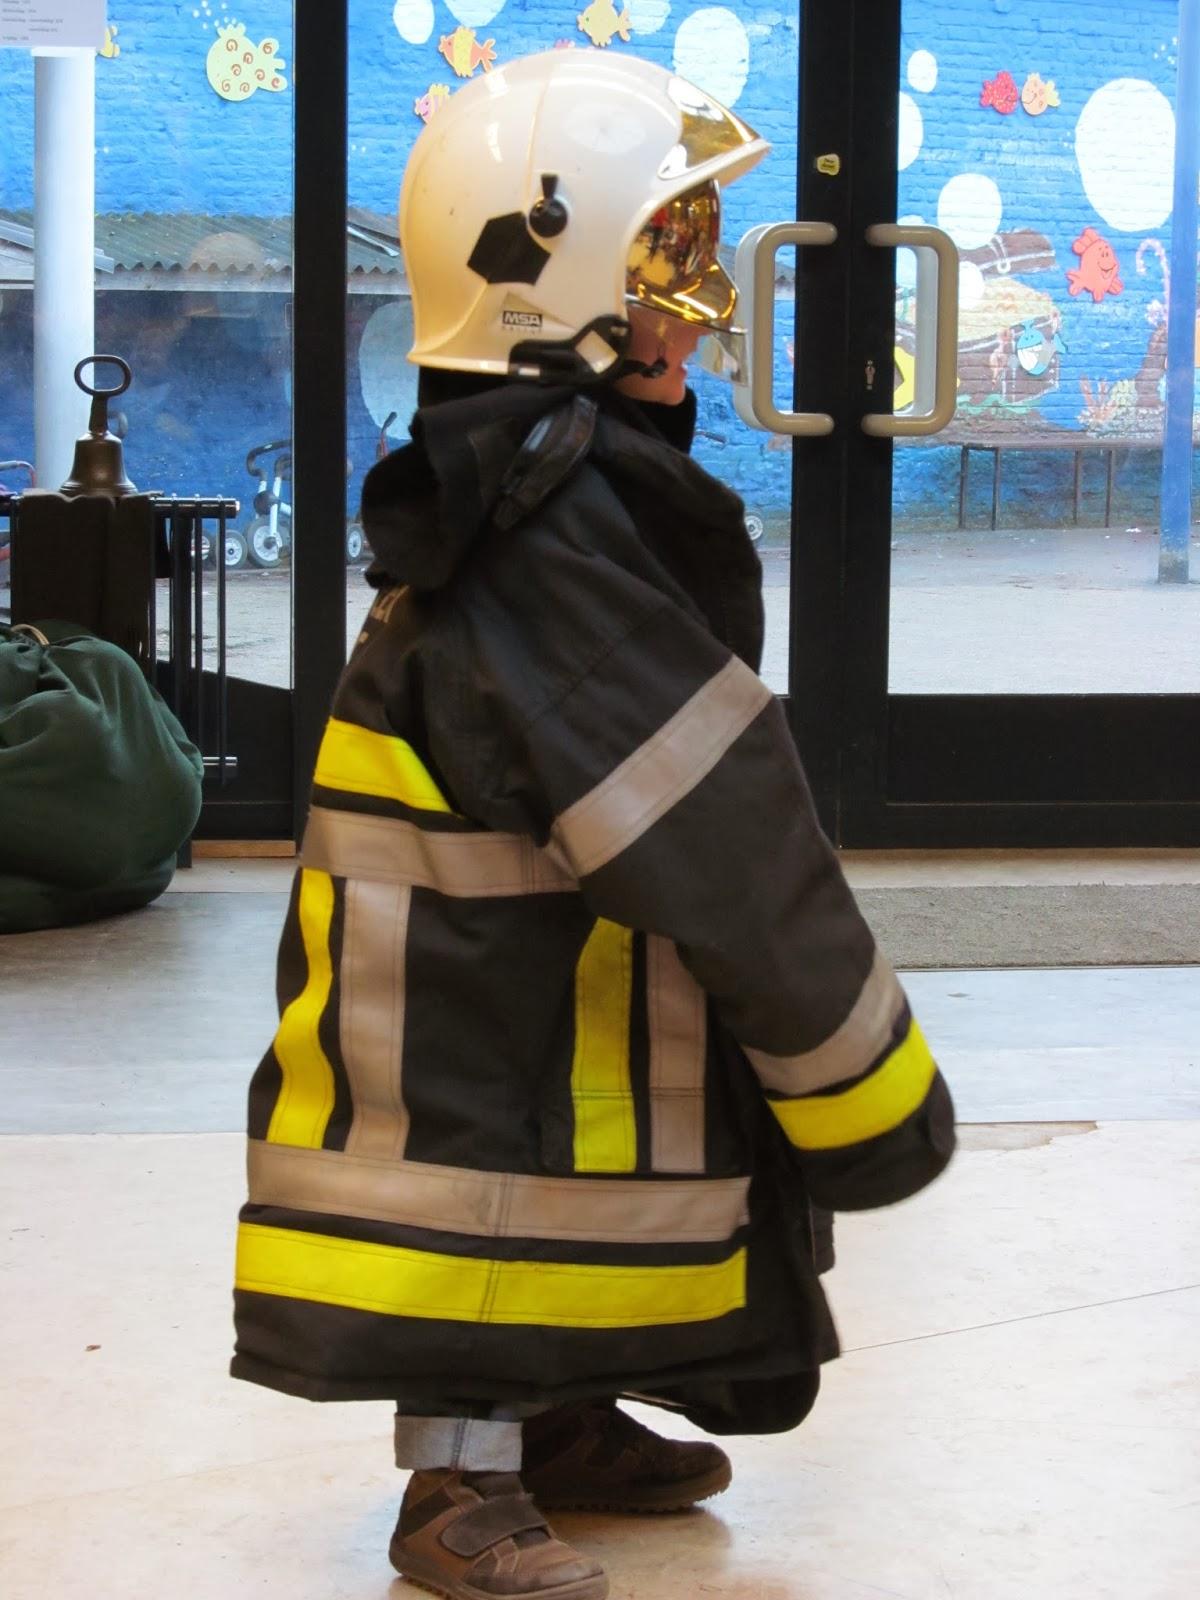 2de kleuter b de brandweer